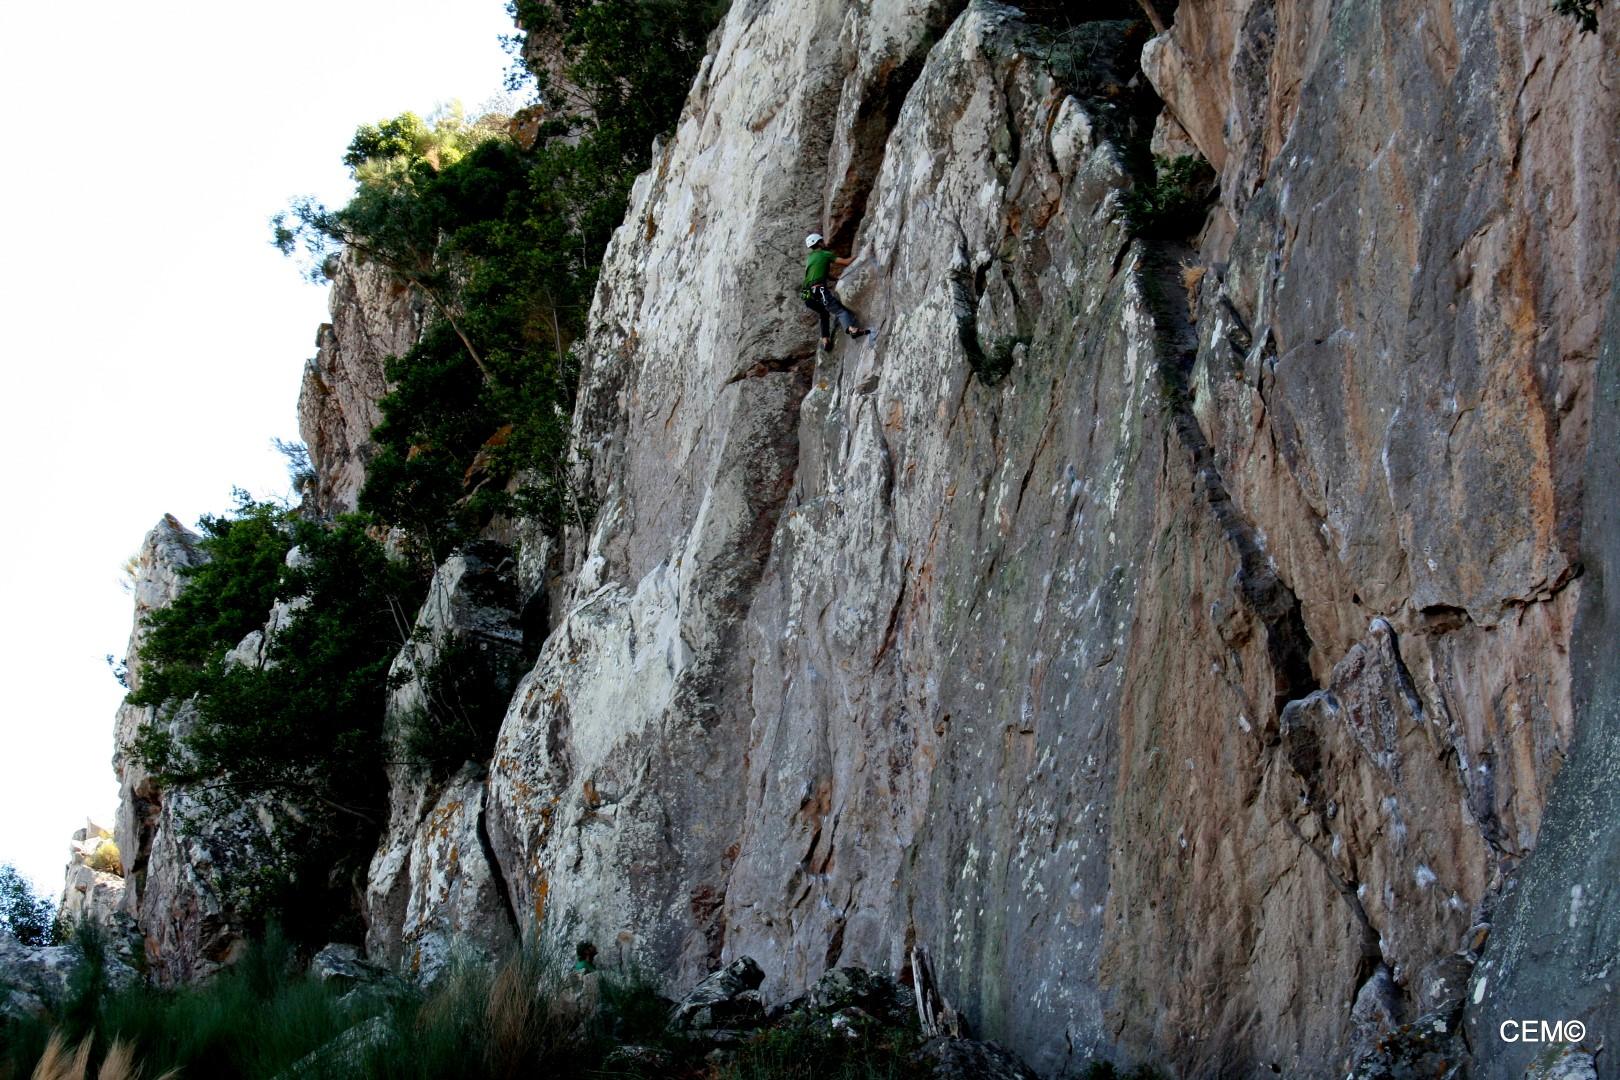 actividad-cem-escalada-deportiva-san-bartolo-tarifa-2016-05